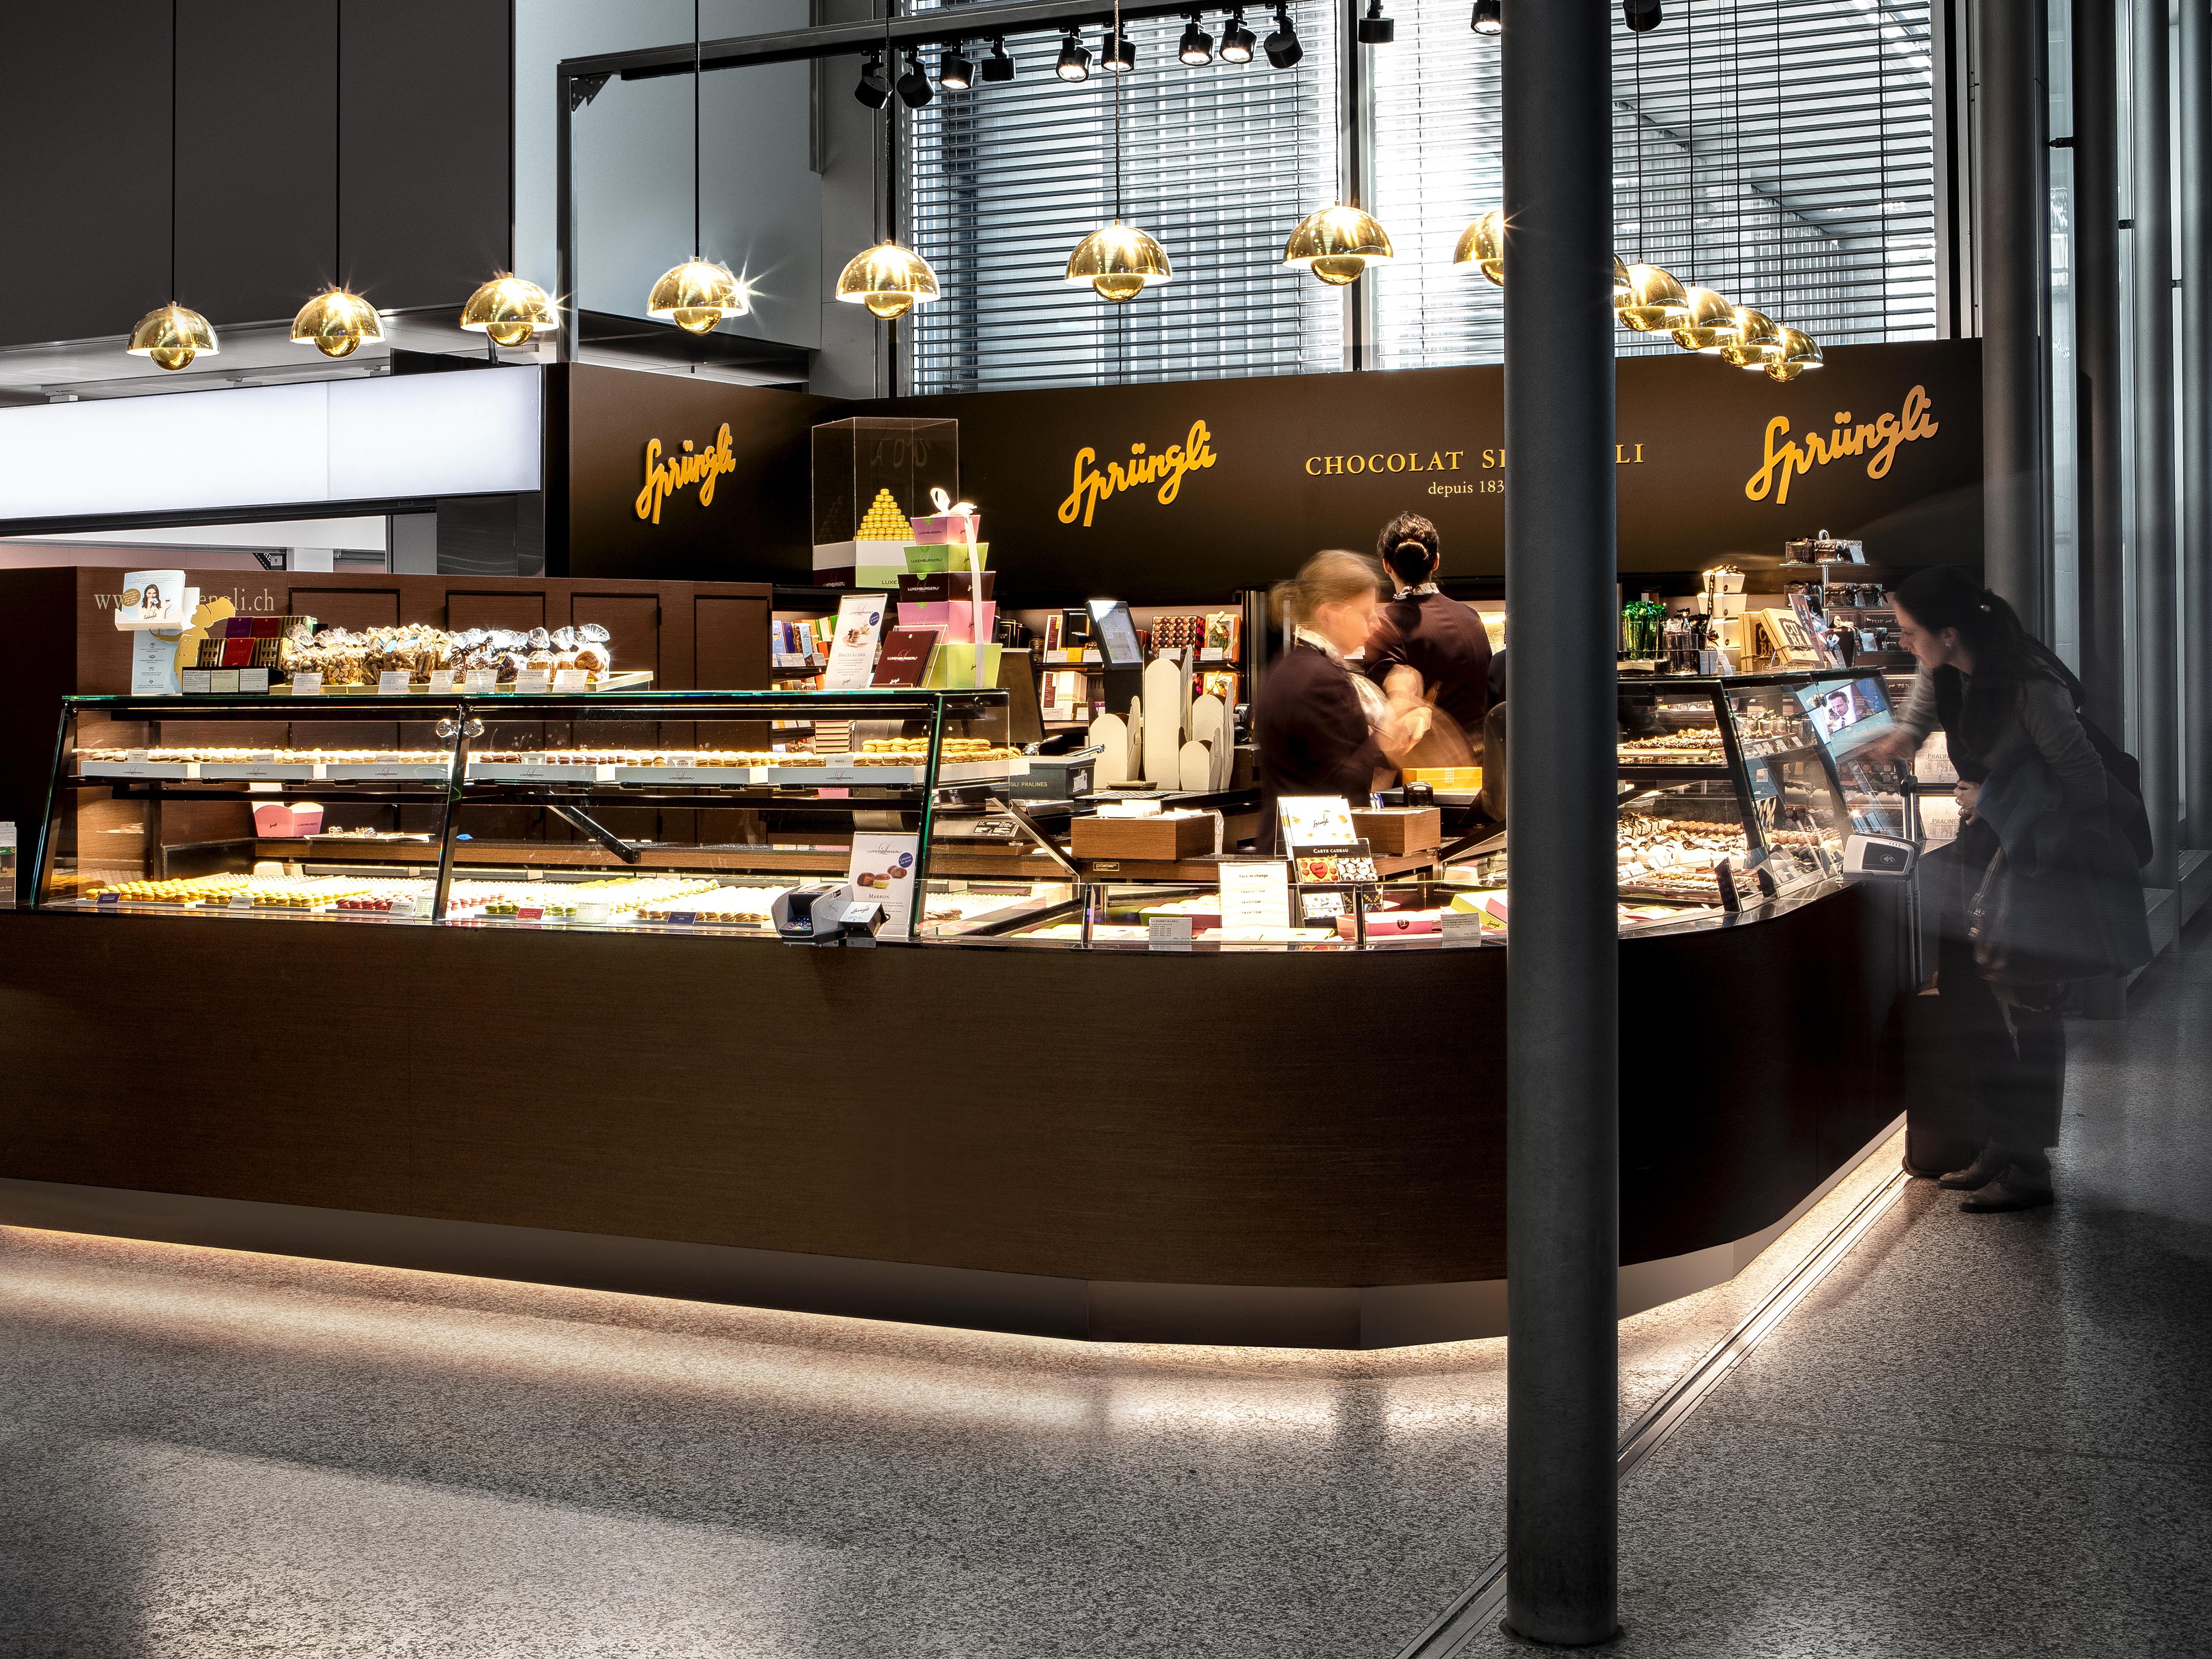 Spruengli Flughafen Genf Ladengestaltung